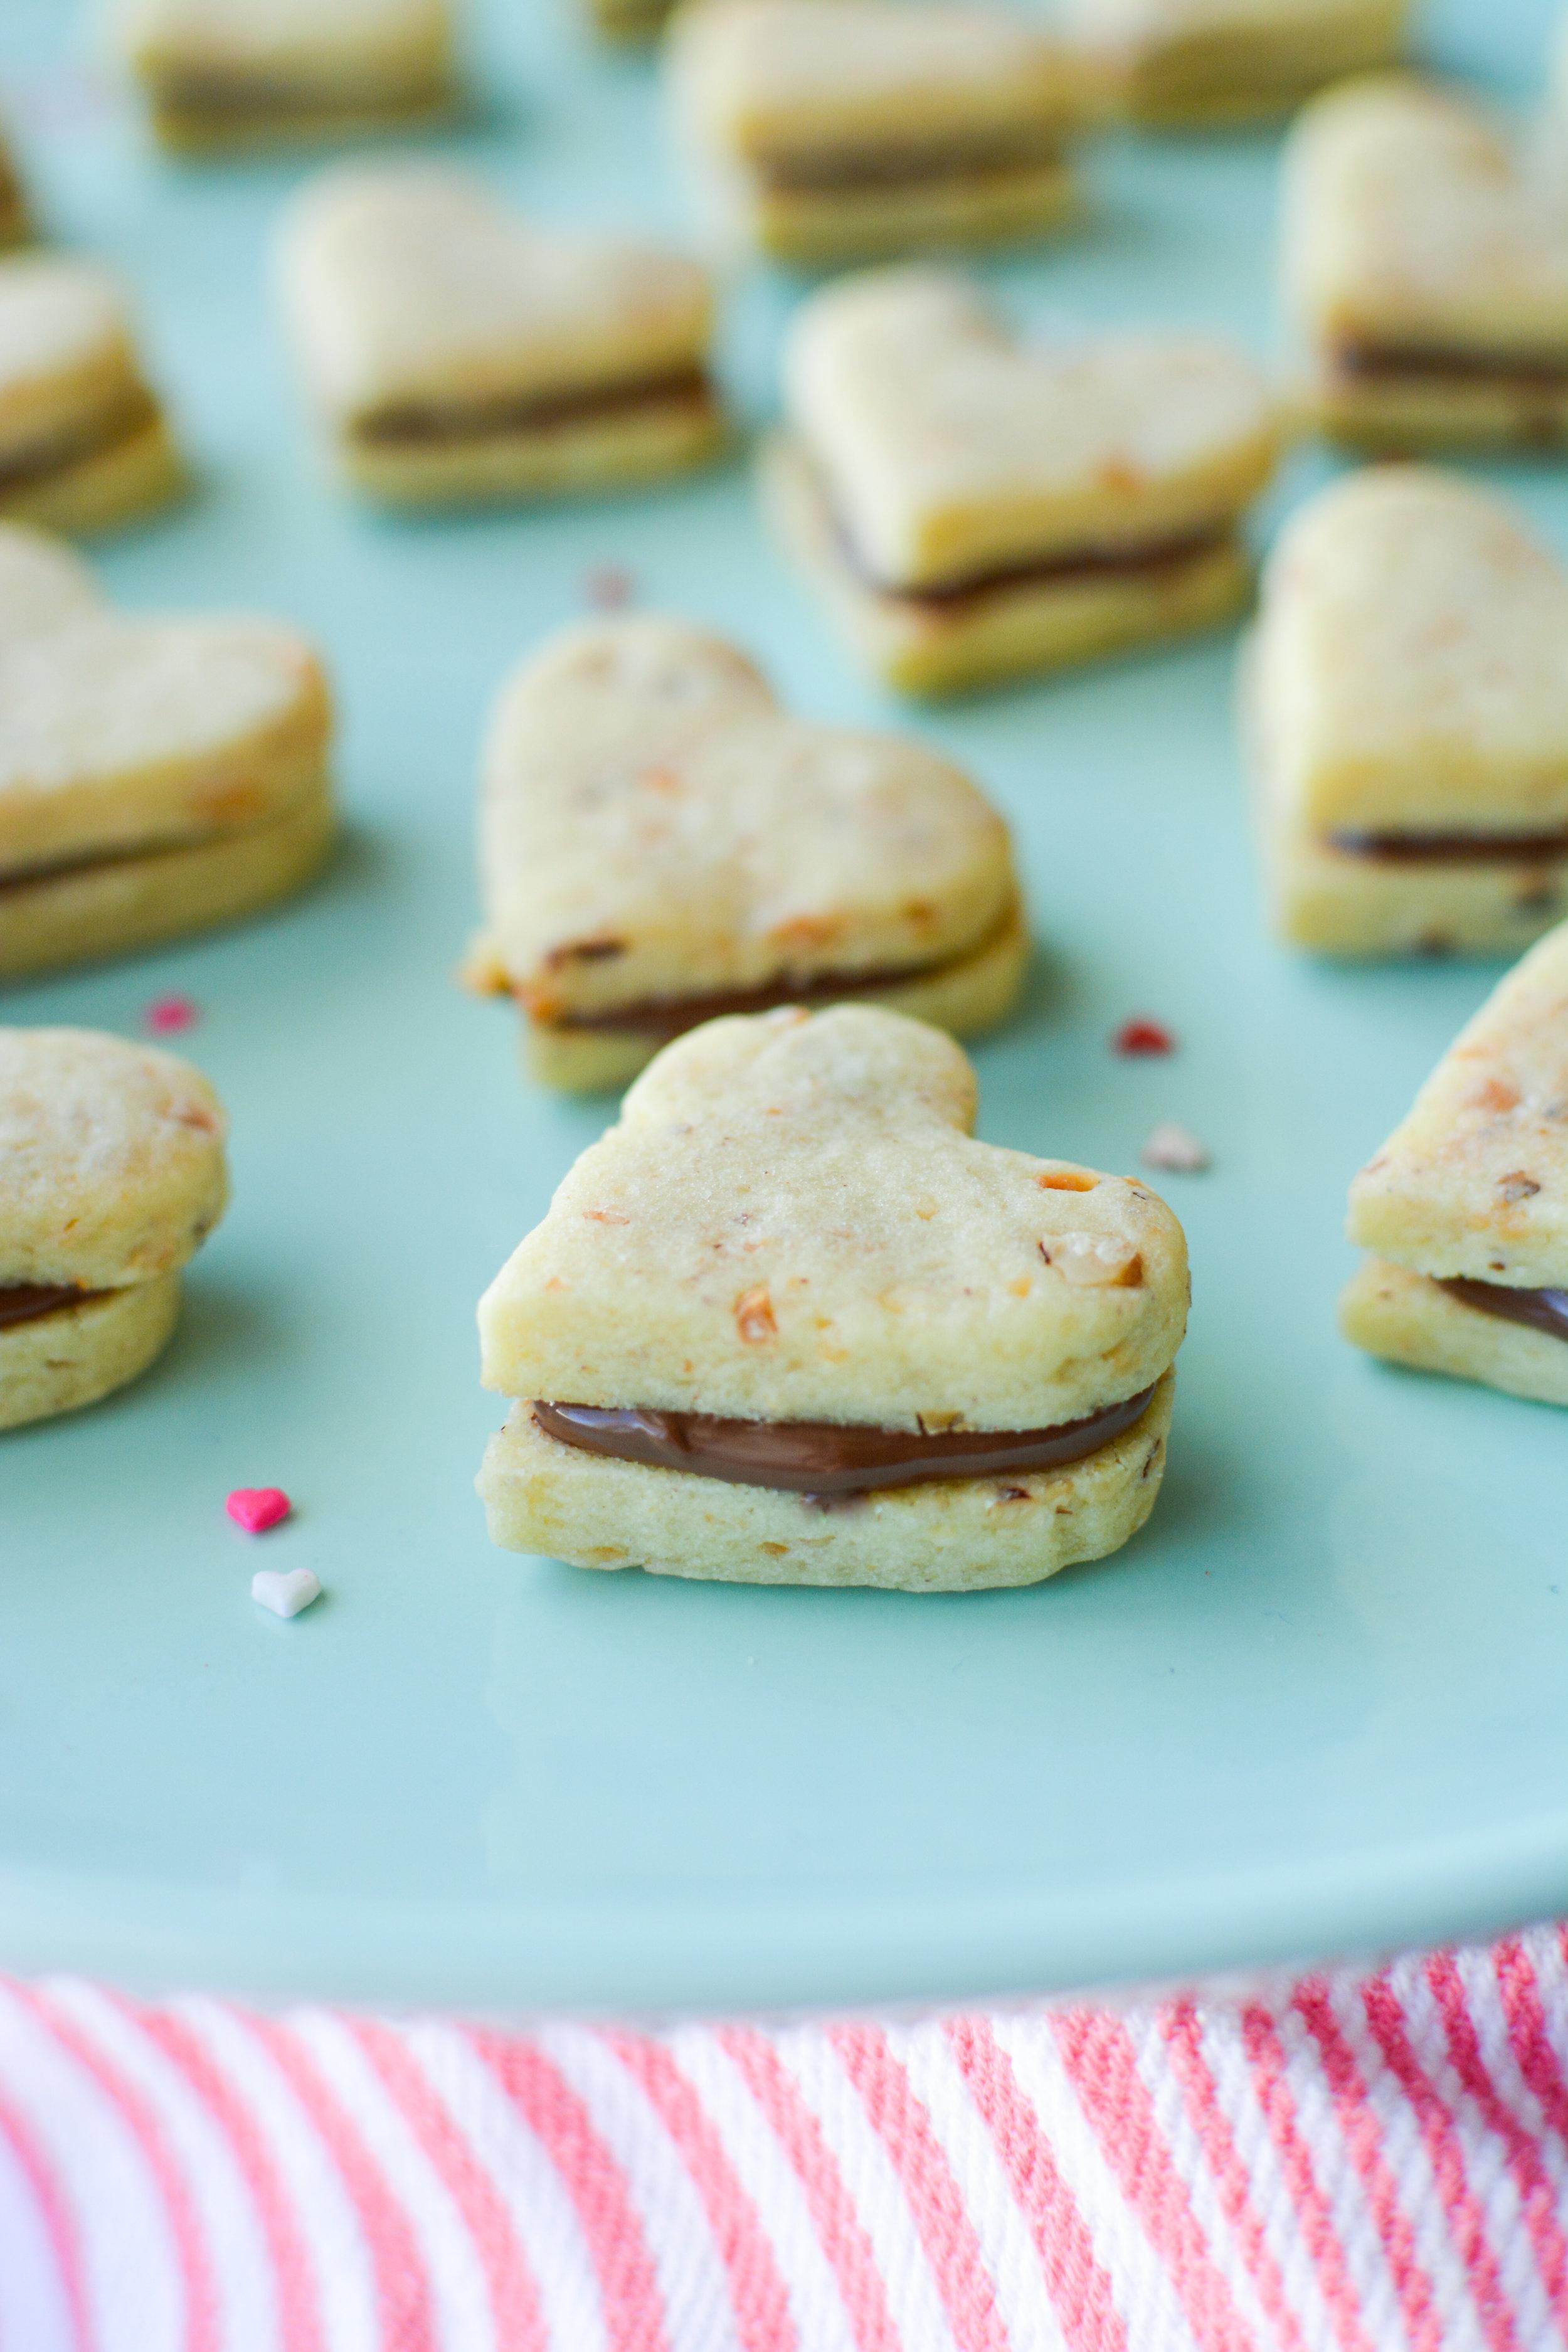 Nutella Filled Hazelnut Cookie Sandwiches - Kristin's Kitchen